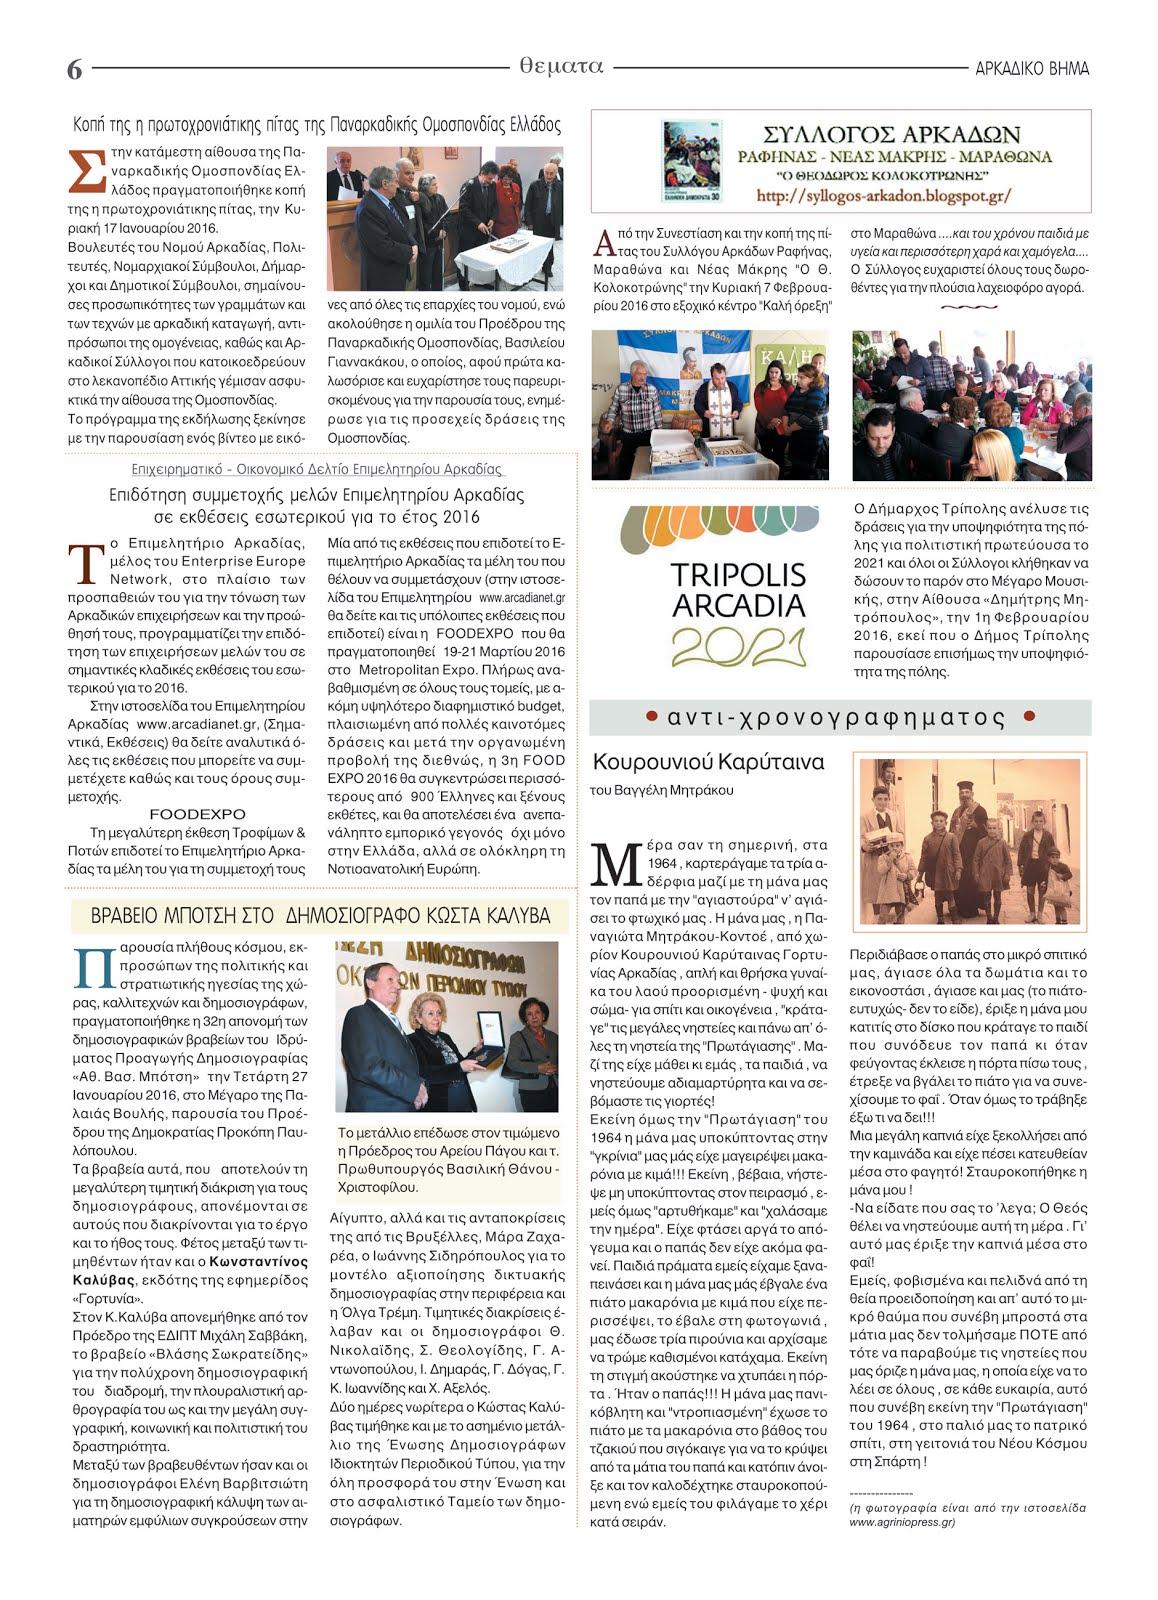 """Δημοσίευμα για την εκδήλωση - συνεστίαση του Συλλόγου μας στην εφημερίδα """"Αρκαδικό Βήμα"""""""